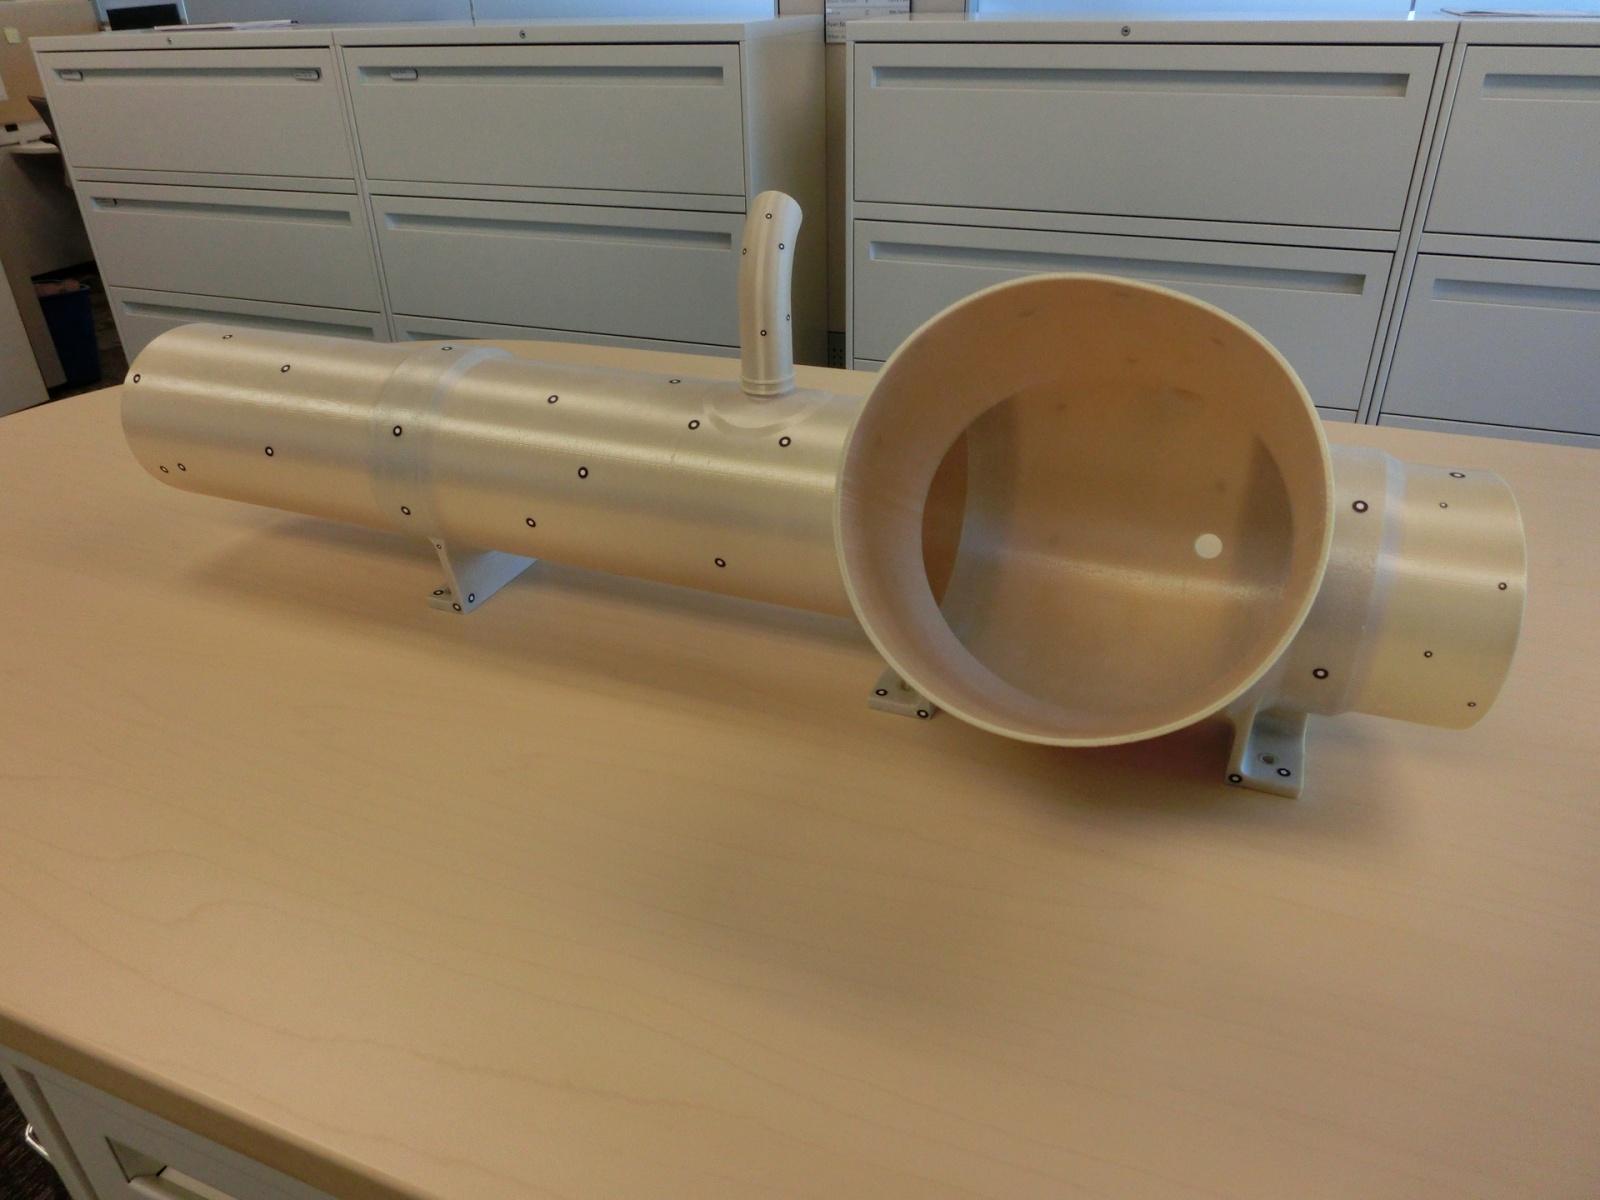 Некоторые детали ракеты Vulcan будут печататься на 3D-принтере - 1